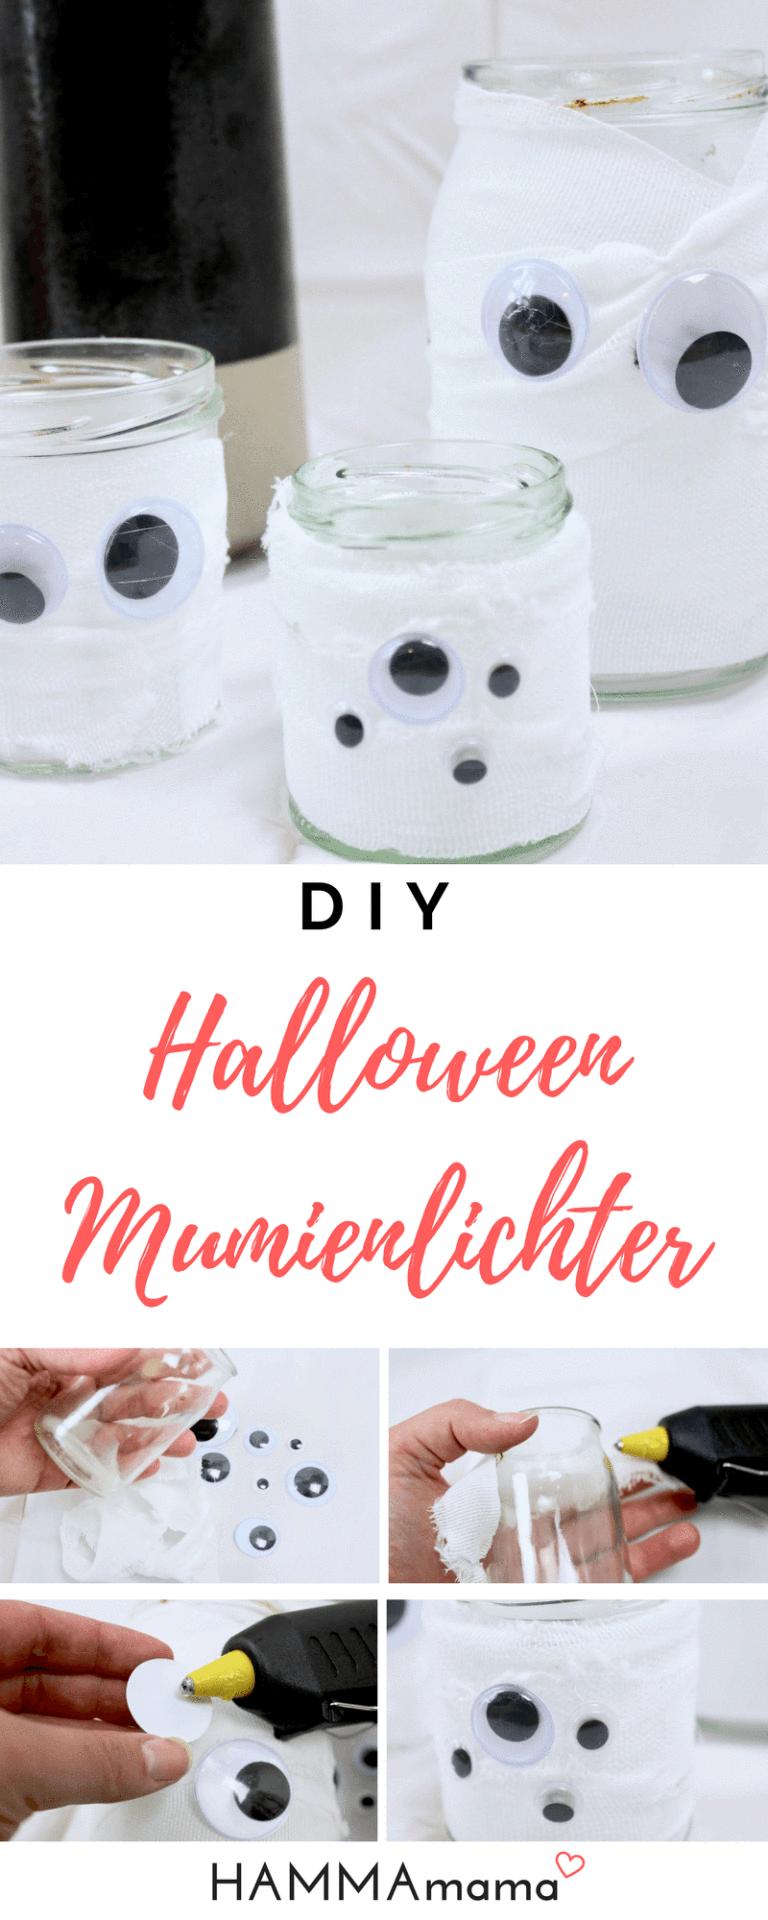 5 einfache DIY-Ideen für Halloween ° Bastel eine schnelle Deko für deine Halloween-Party